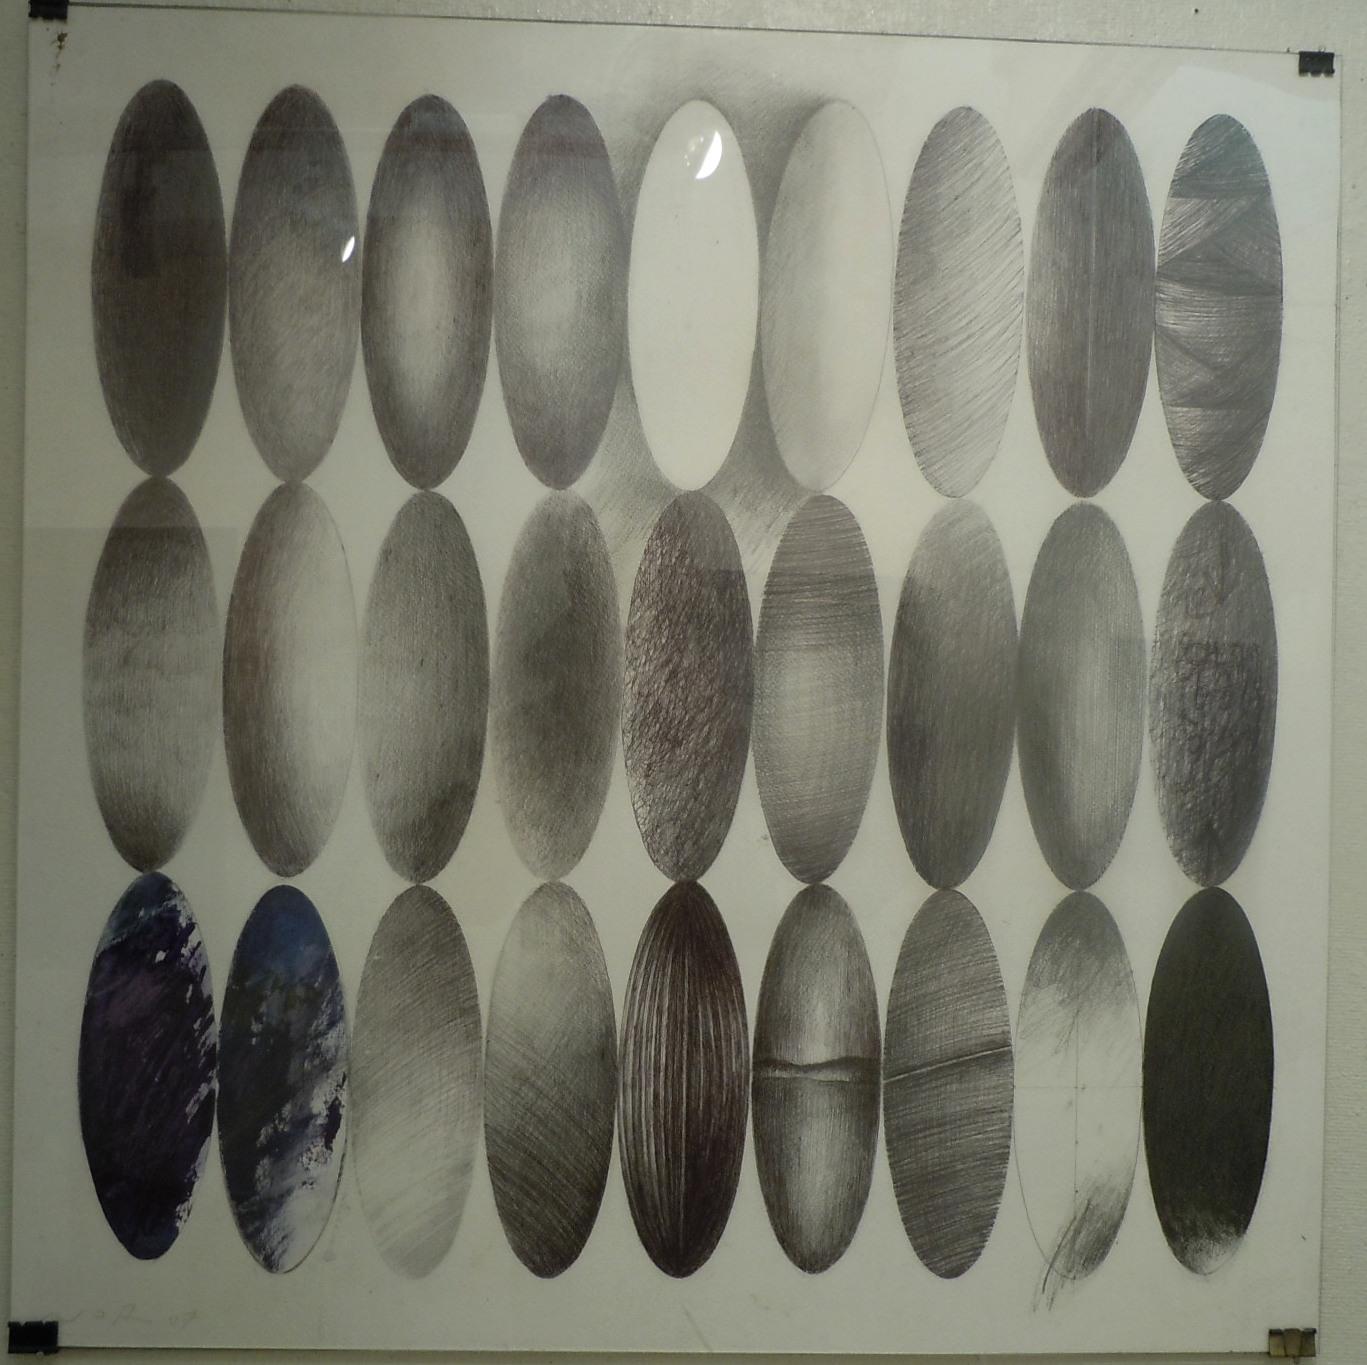 1603) 「林教司・個展 『Water Seed (水の種子) 2011』」 たぴお 10月31日(月)~11月5日(土)  _f0126829_21581937.jpg